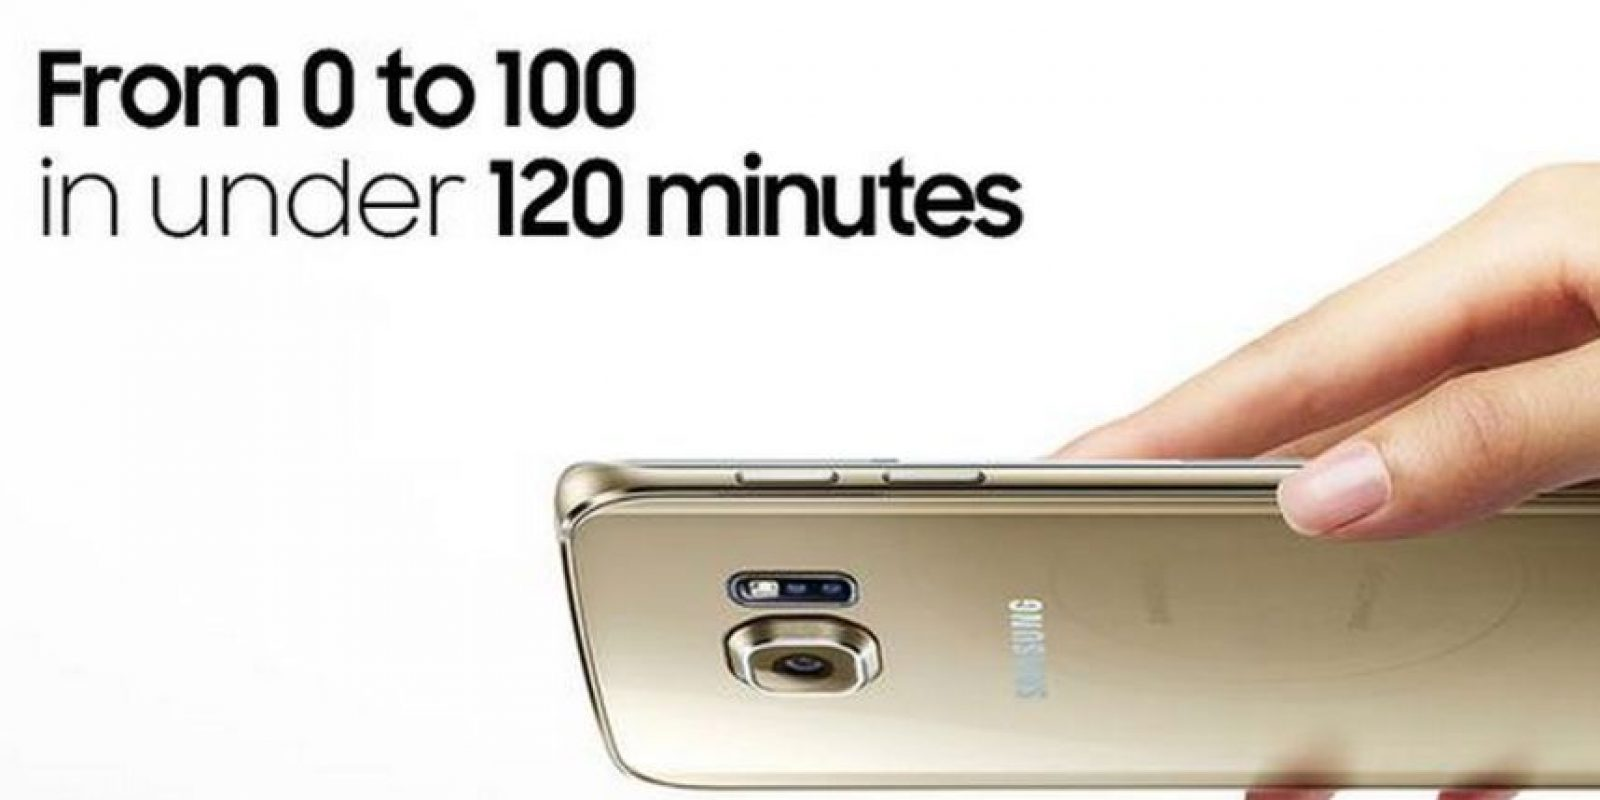 Reducción en los tiempos de carga (Solo 120 minutos para la carga total) Foto:Samsung